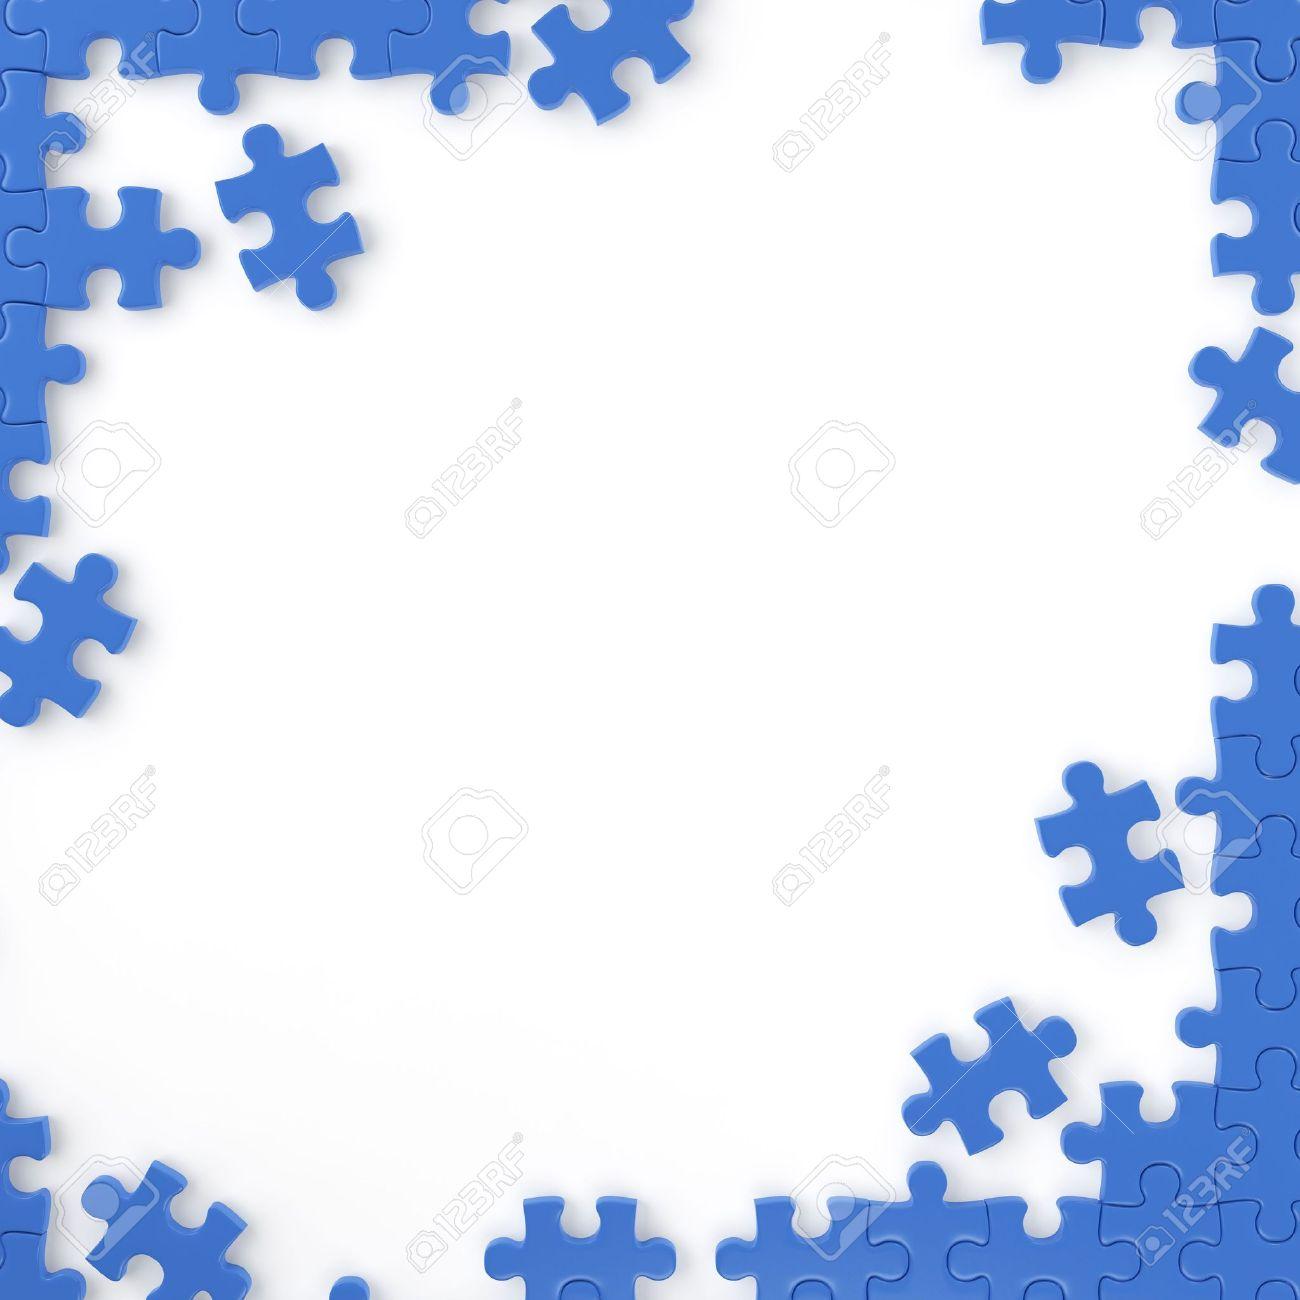 Puzzle De Piezas Formando Un Marco Para Su Propio Texto O Diseño Con ...